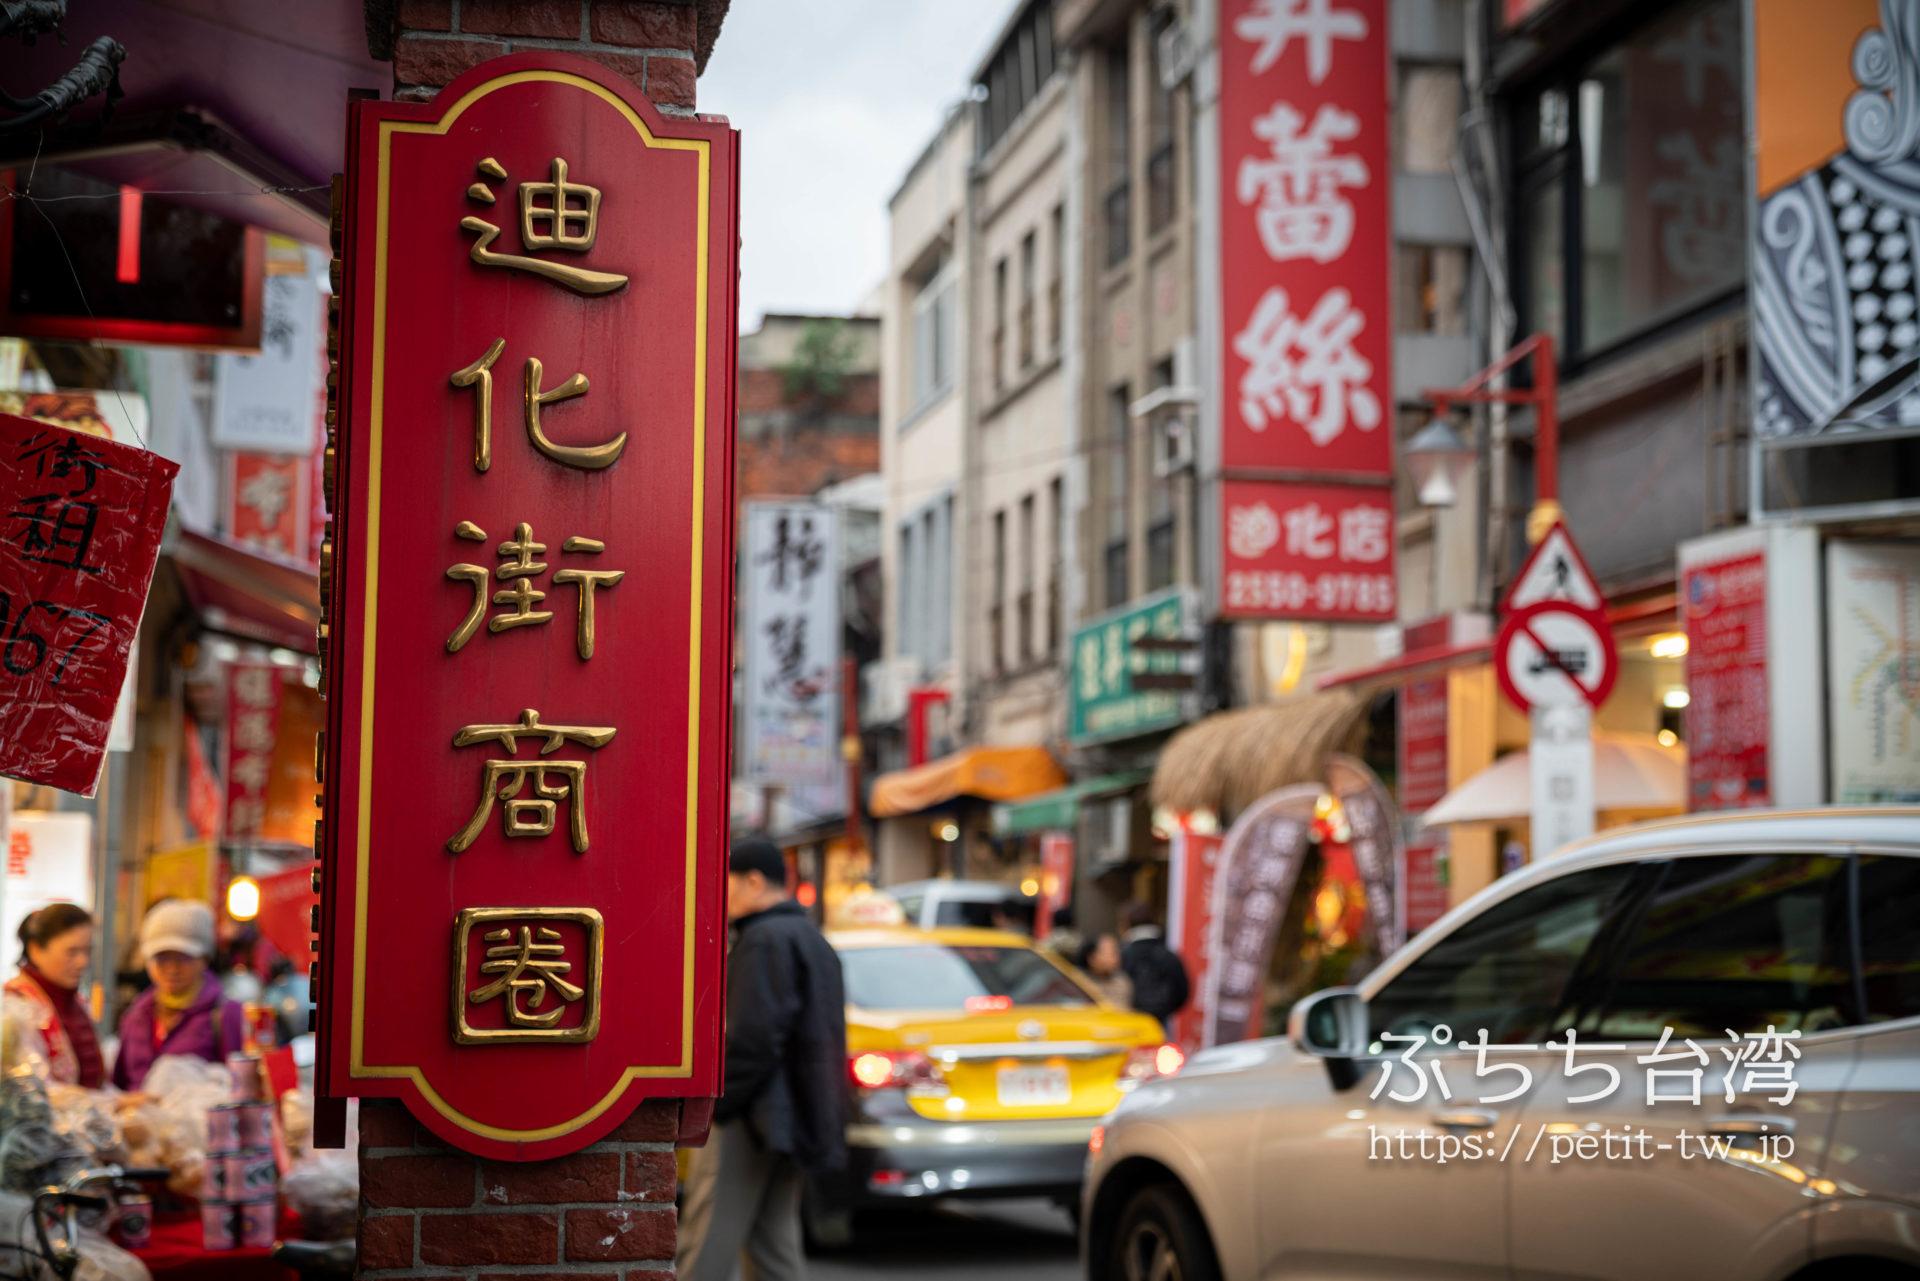 台北 迪化街(ディーホアジェ)を散策!おすすめスポット・見どころまとめ